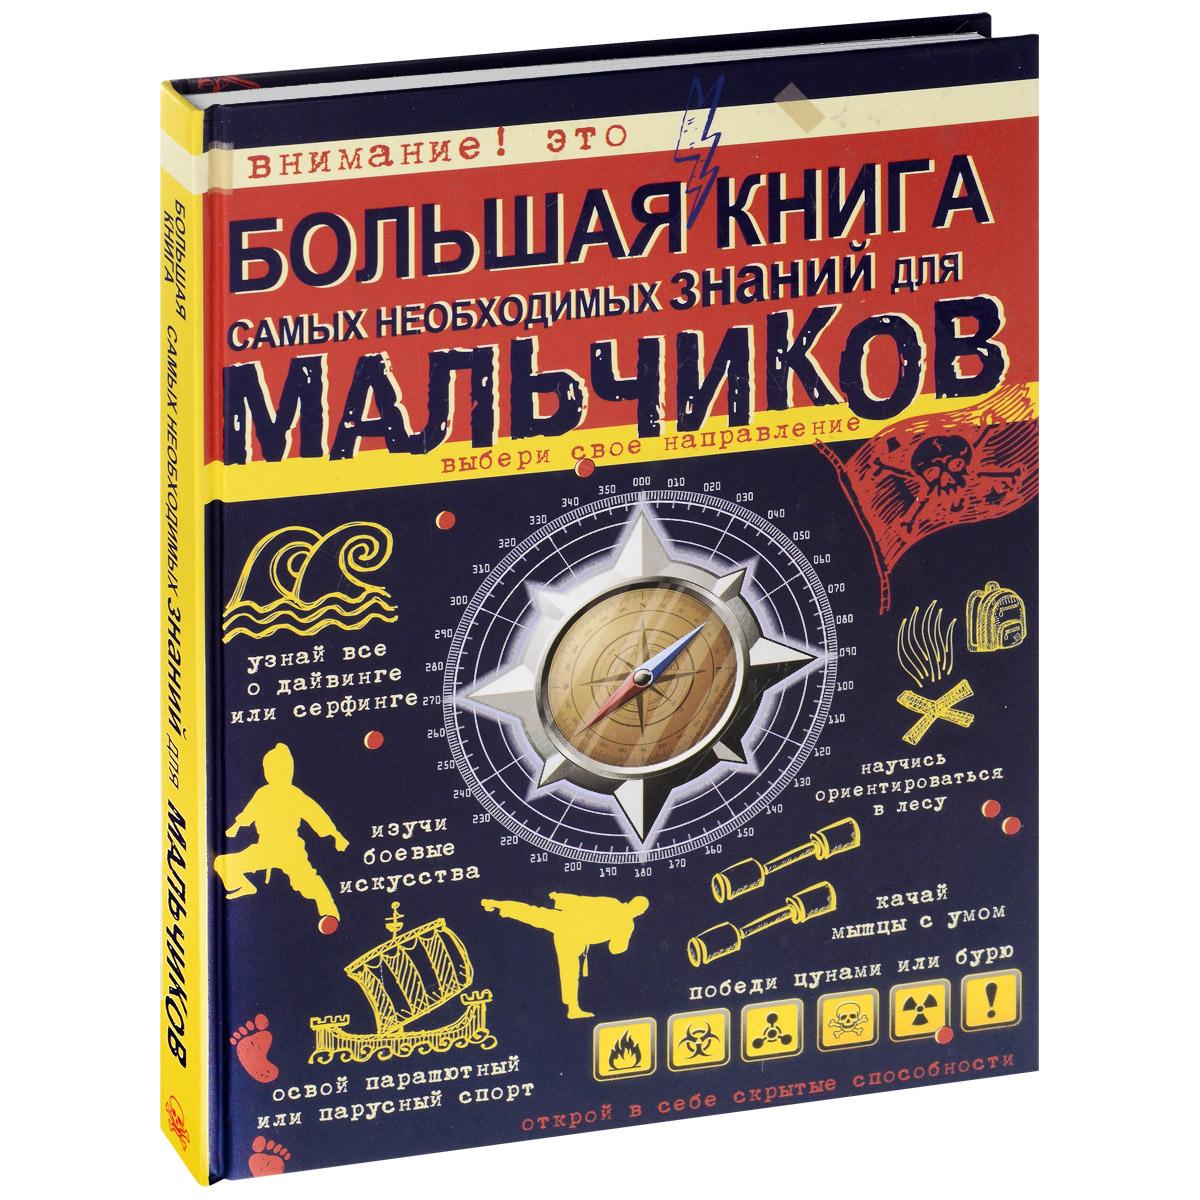 С. П. Цеханский Большая книга самых необходимых знаний для мальчиков